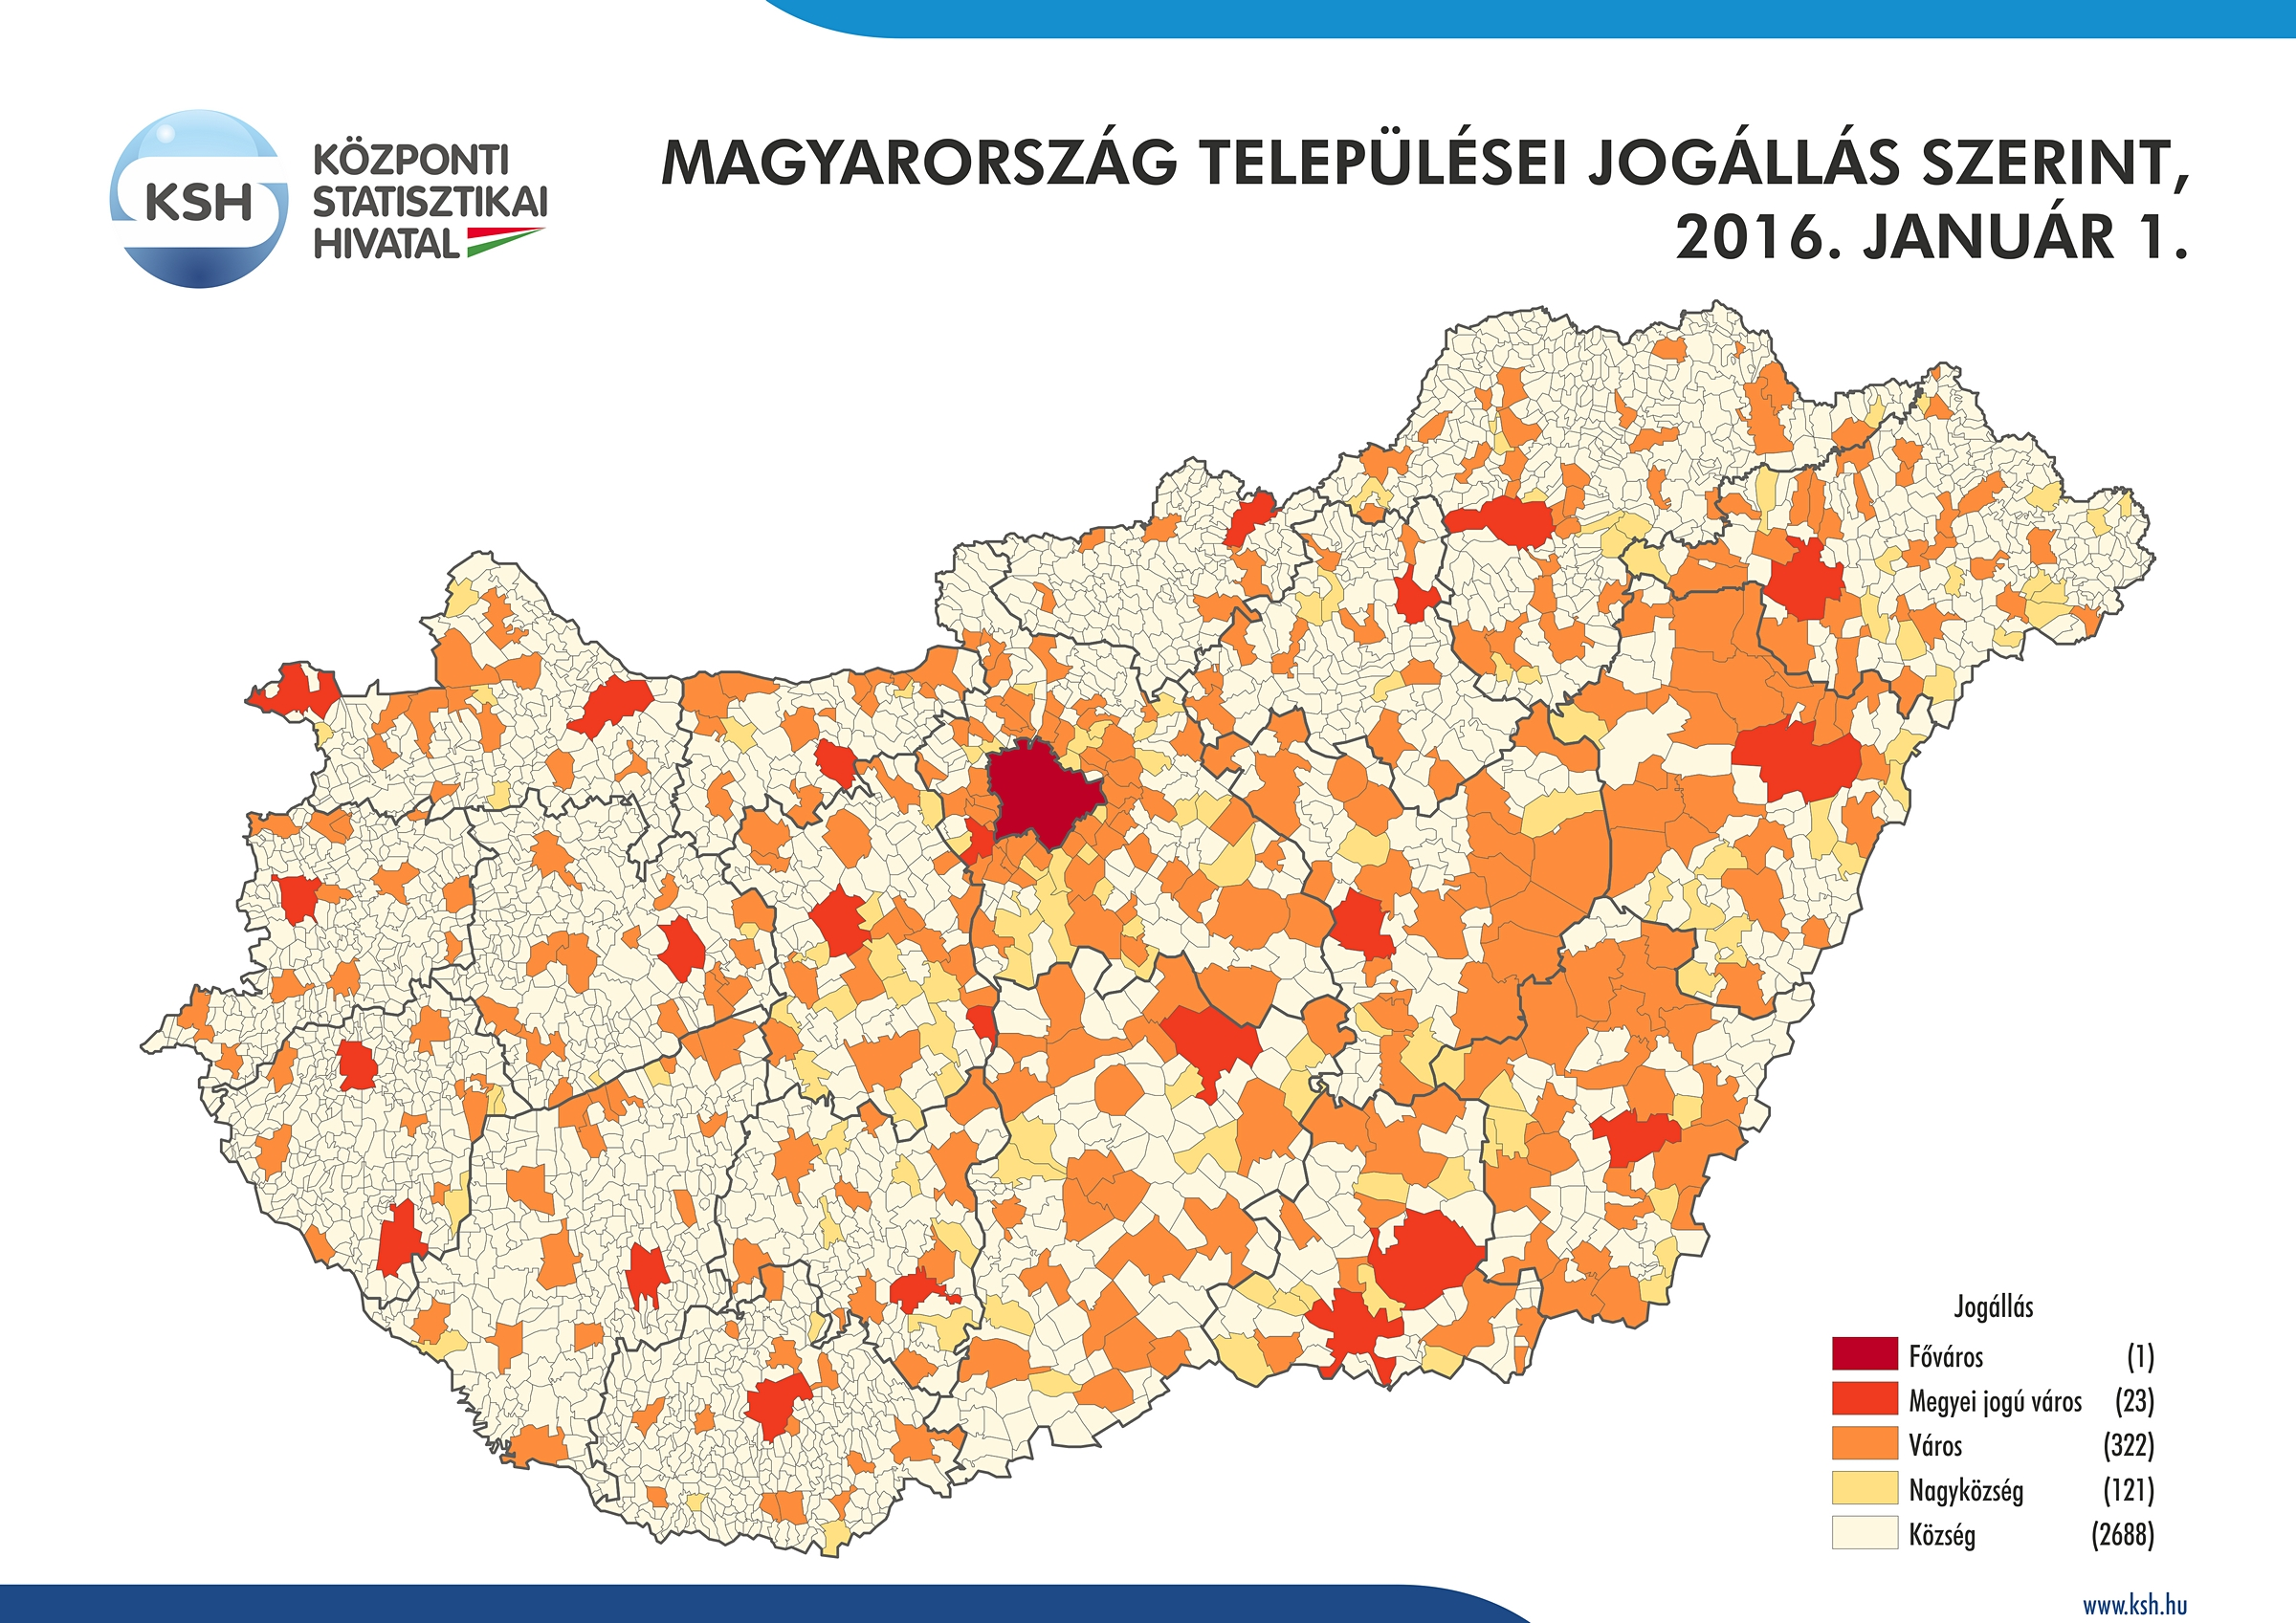 magyarország települései térkép Központi Statisztikai Hivatal magyarország települései térkép